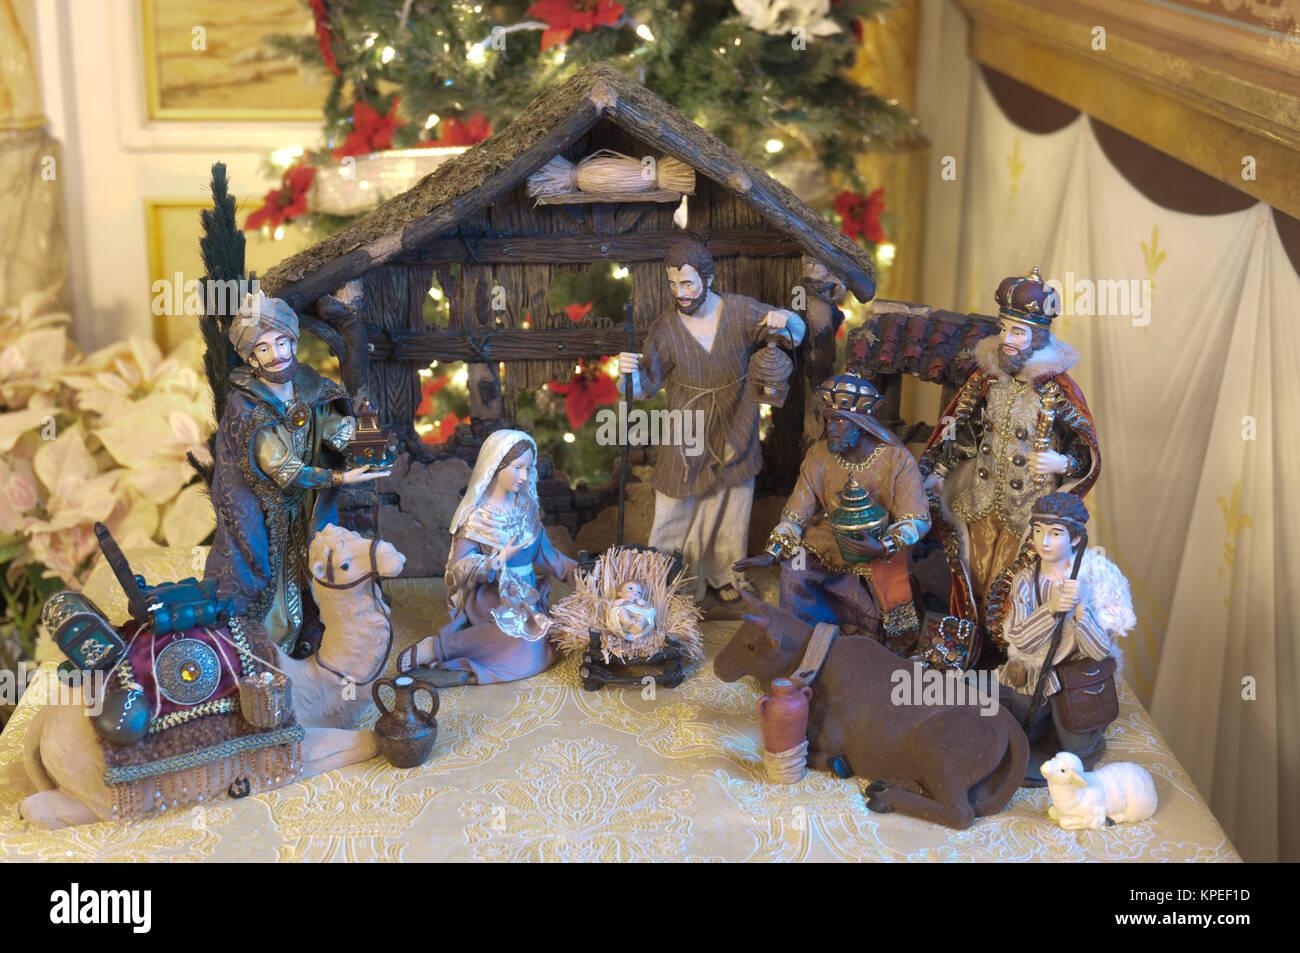 74017094b7fe Presepe con tre Saggi presentando doni al Bambino Gesù, la Santa Maria e  Giuseppe.